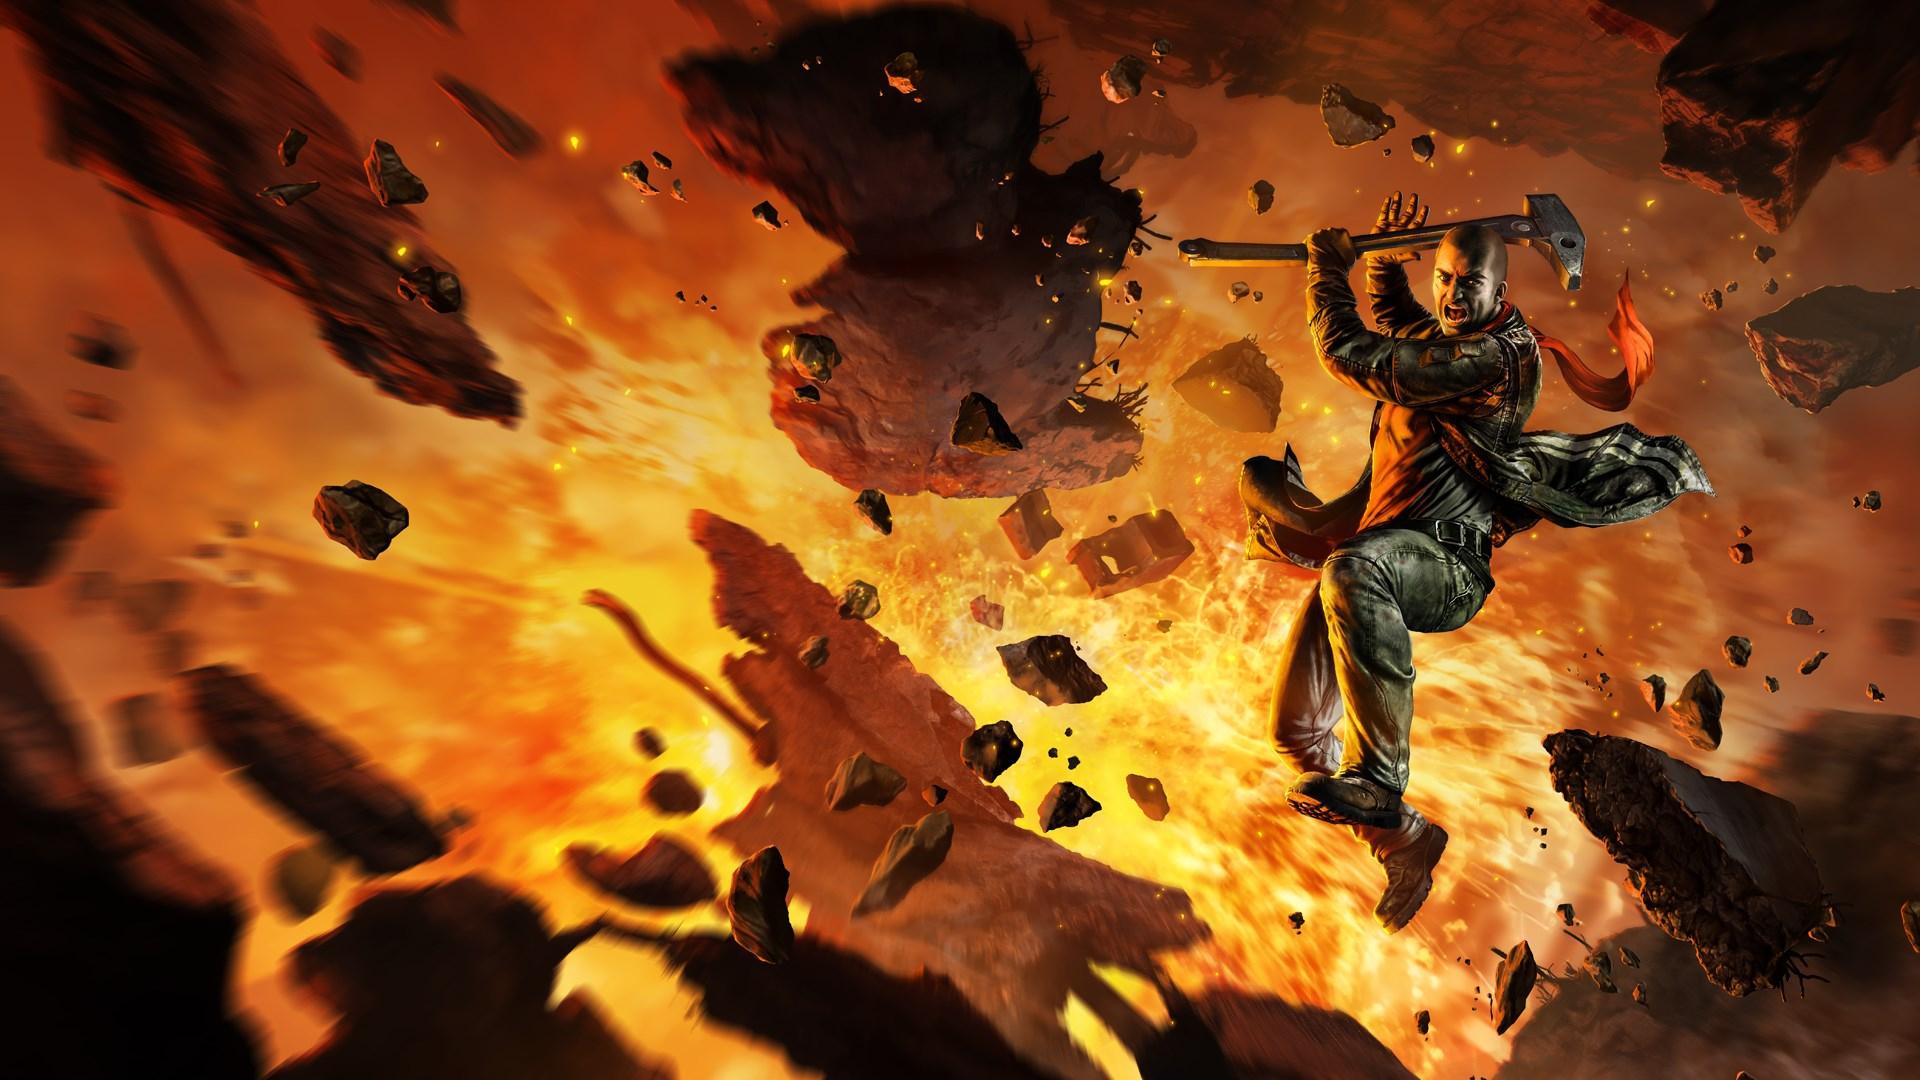 Lo sviluppatore KAIKO porta Red Faction Guerrilla Re-Mars-tered su Nintendo Switch